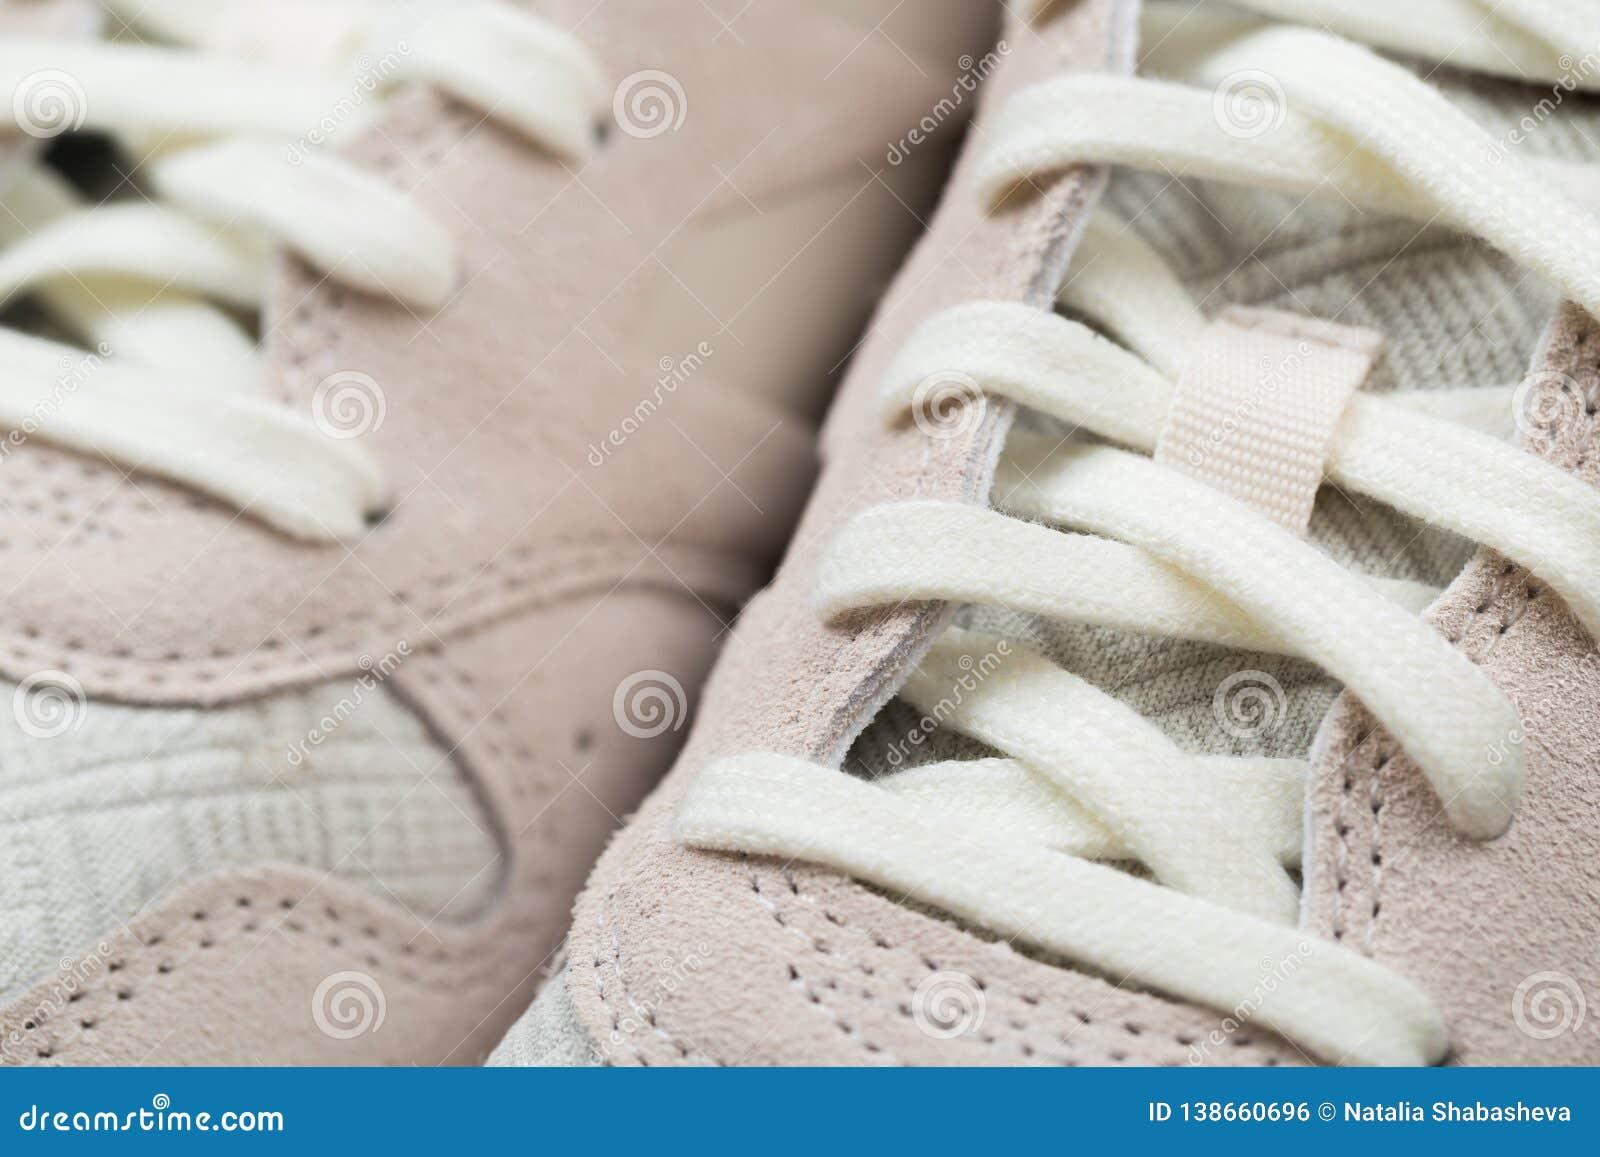 Sportschuhe mit weißen Spitzeen